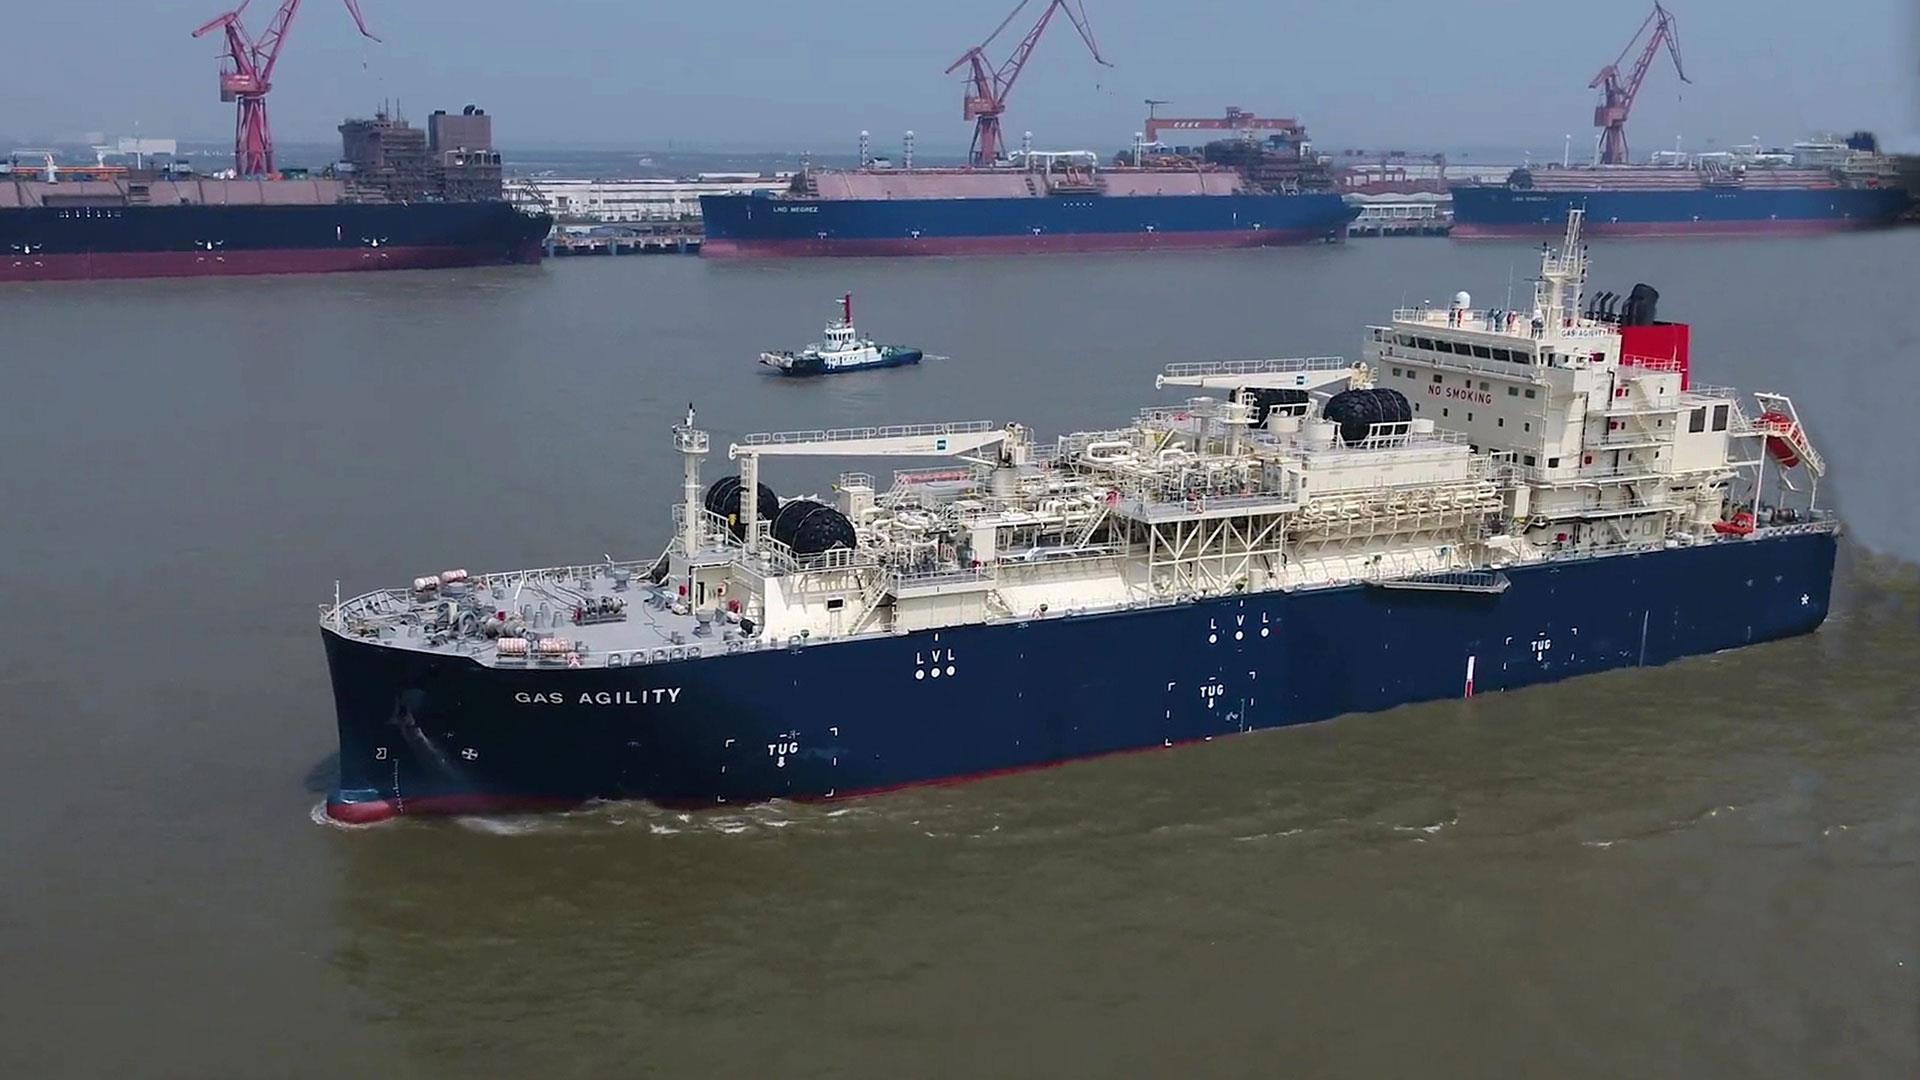 Bondstrand Marine vessel